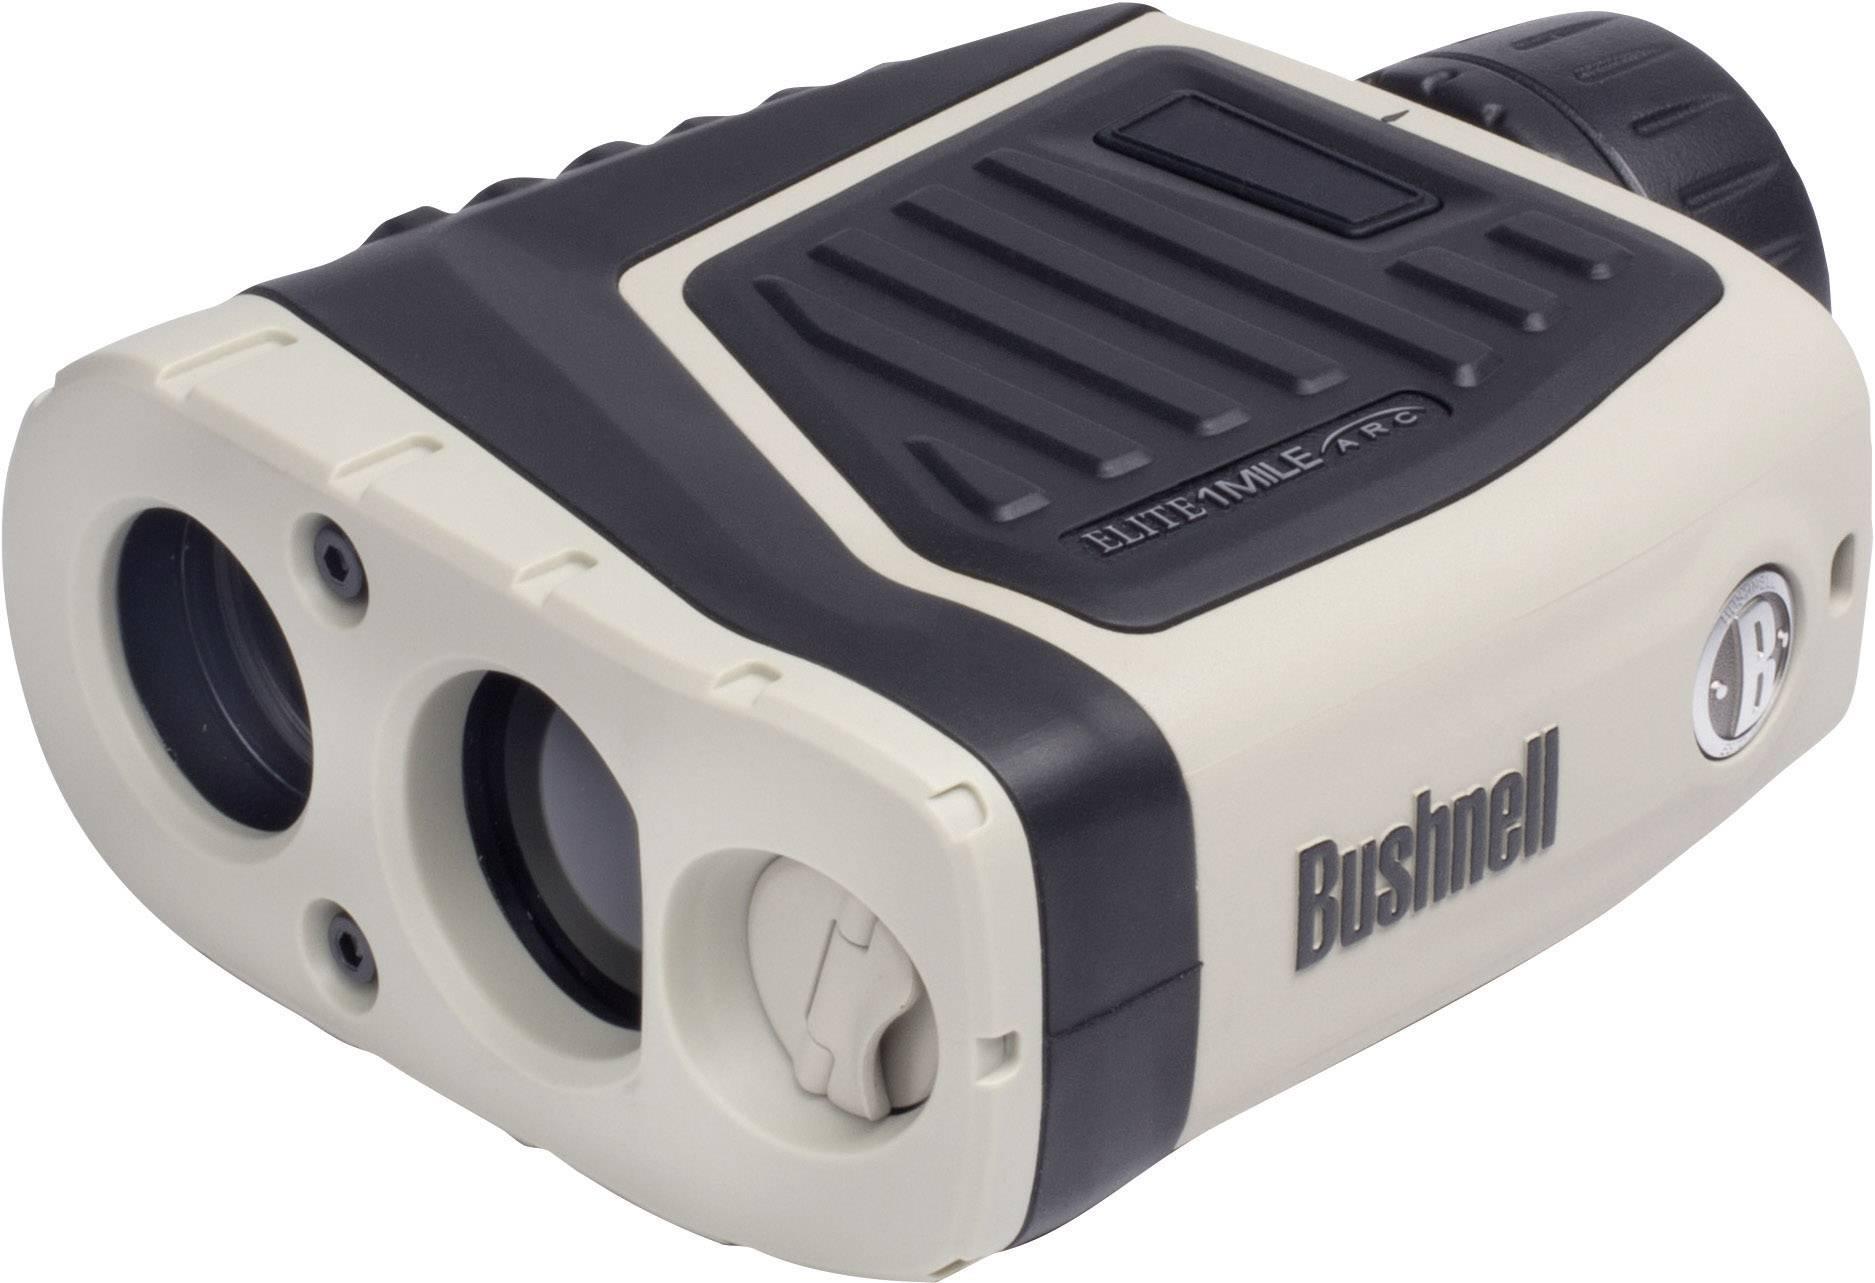 Entfernungsmesser Mit Neigungsmesser : Bosch laser entfernungsmesser glm professional mit tasche